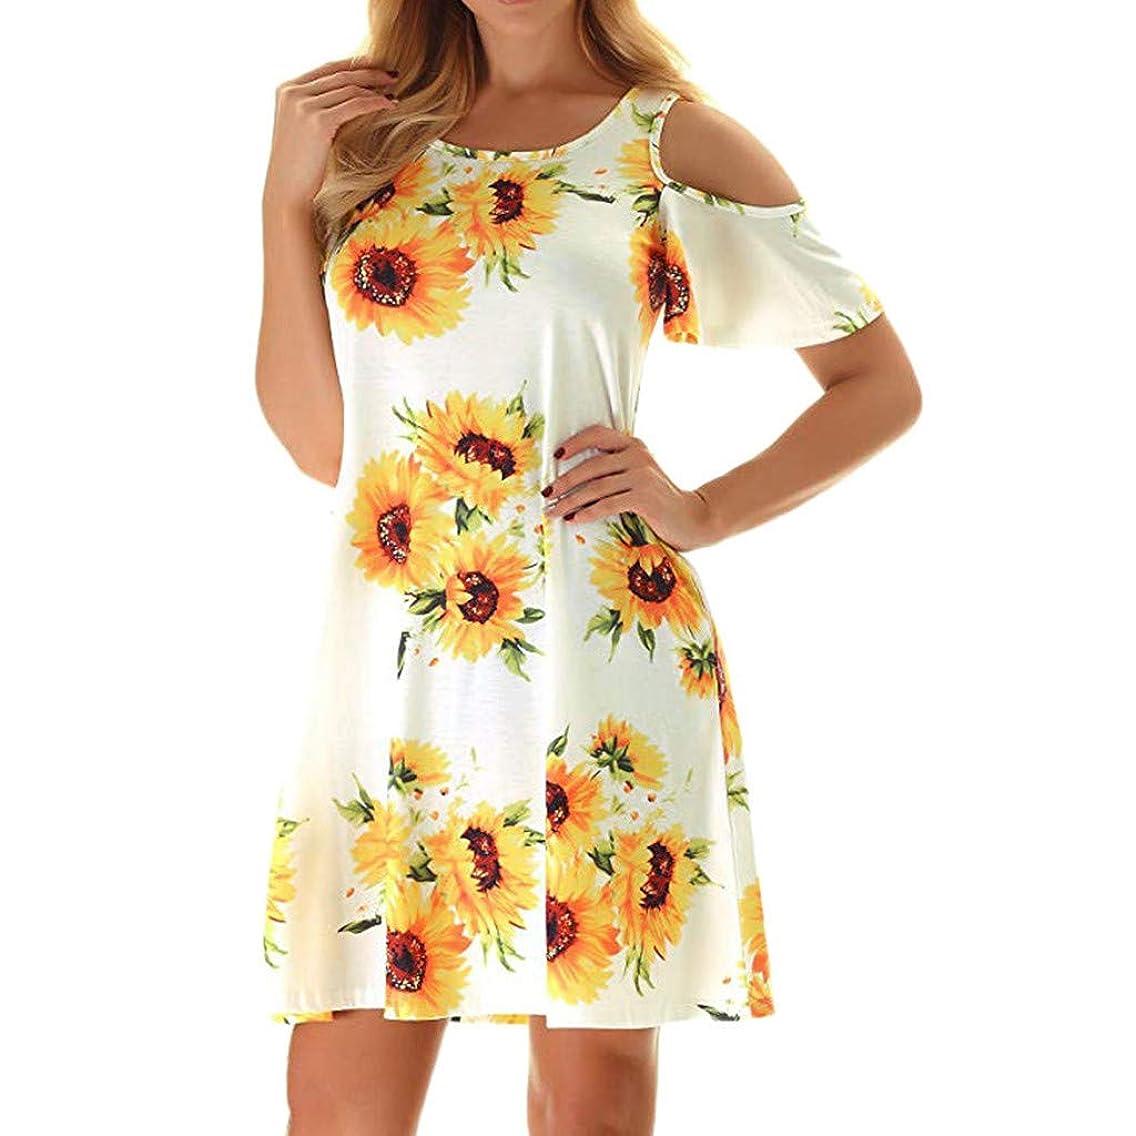 TOTOD Dress,Fashion Women Summer Boho Floral Printed Off Shoulder Elegant Minidress